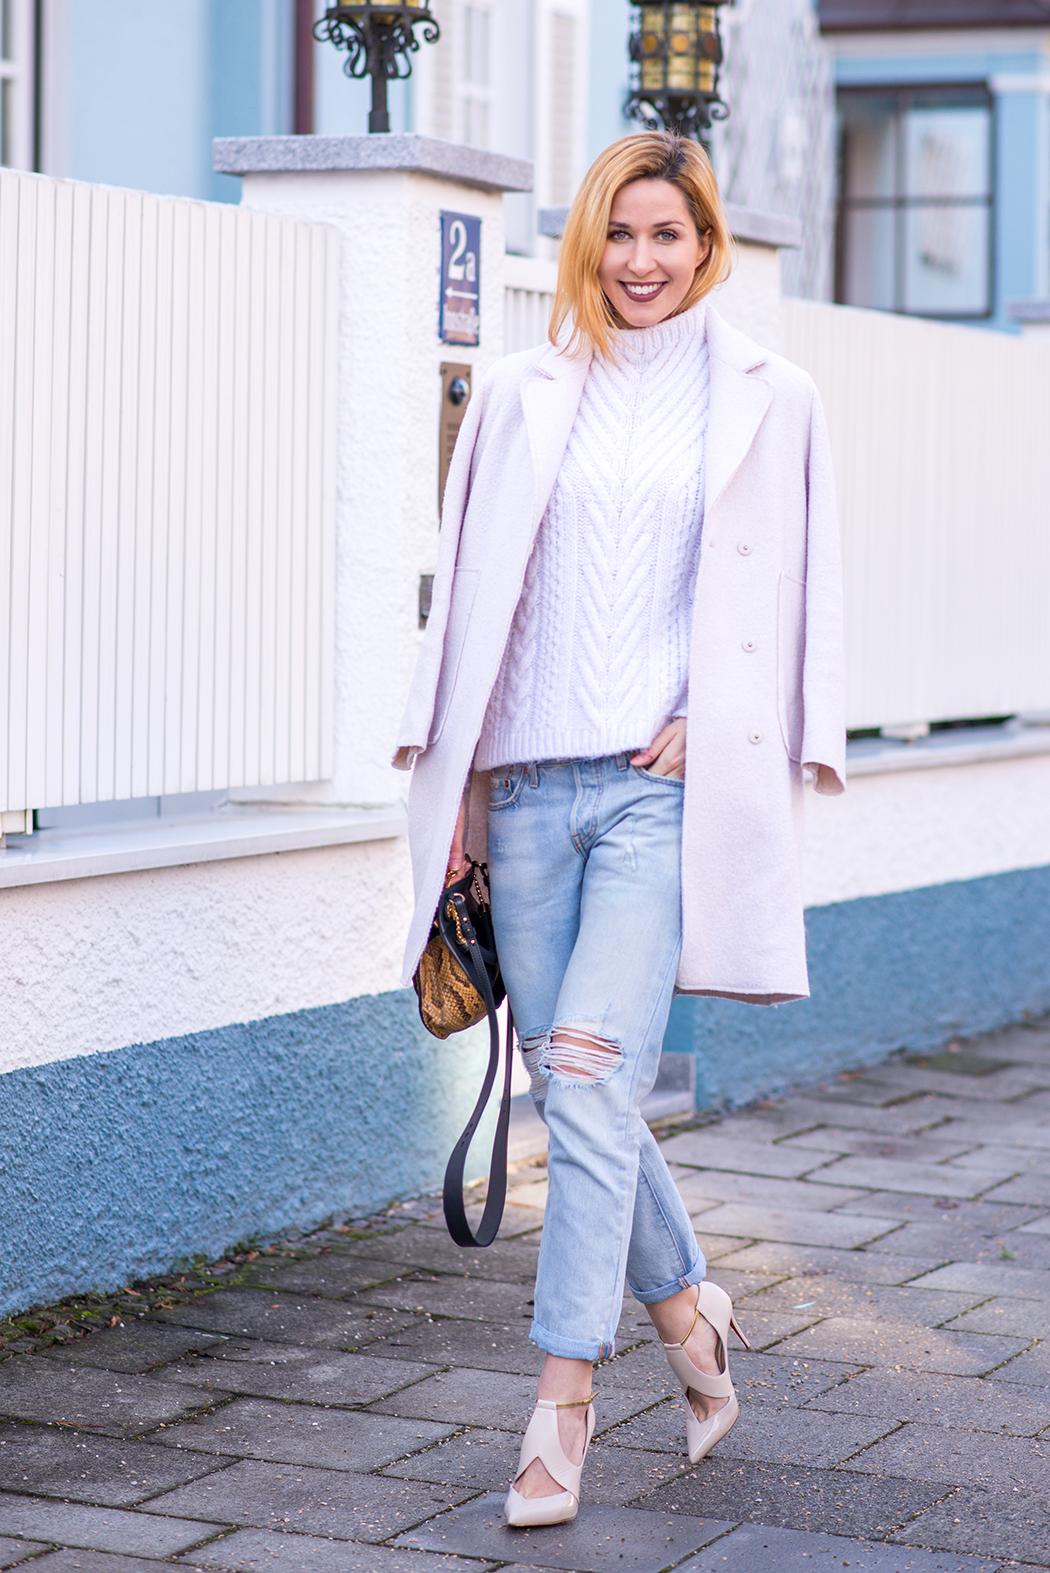 Fashionblog-Fashionblogger-Fashion-Blog-Blogger-Muenchen-Berlin-Deutschland-Chloe-Goldie-Schlange-Snake-Python-Lindarella-2-web